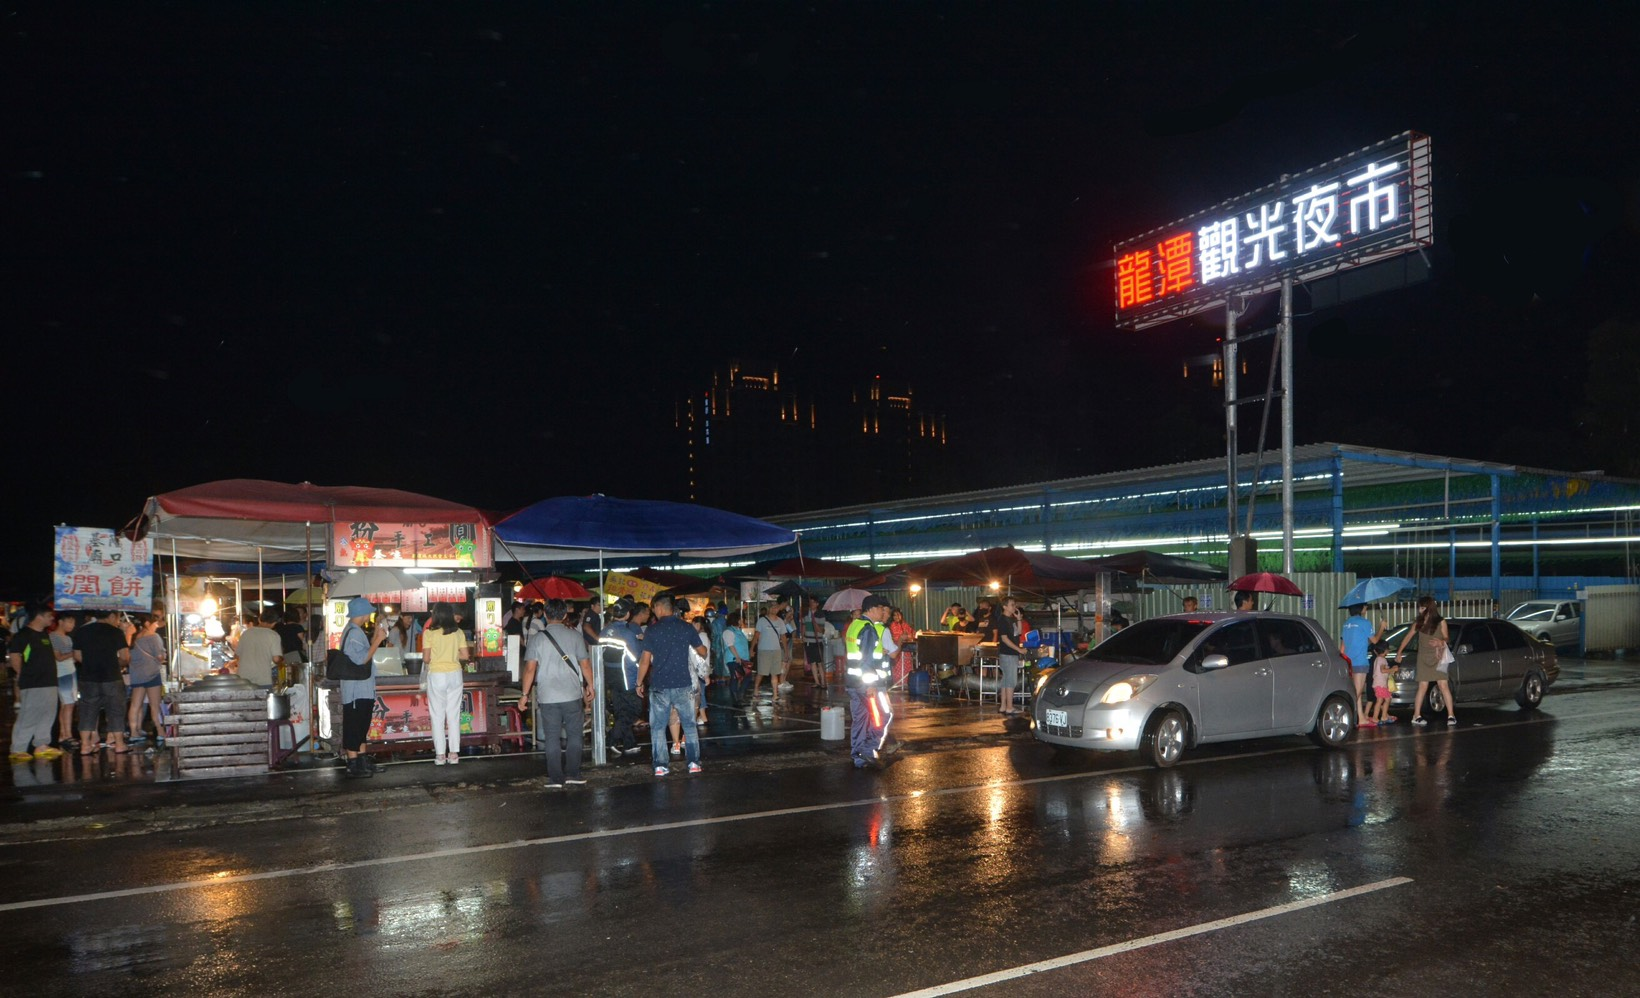 龍潭觀光夜市於2日晚間開幕。(桃園市政府)